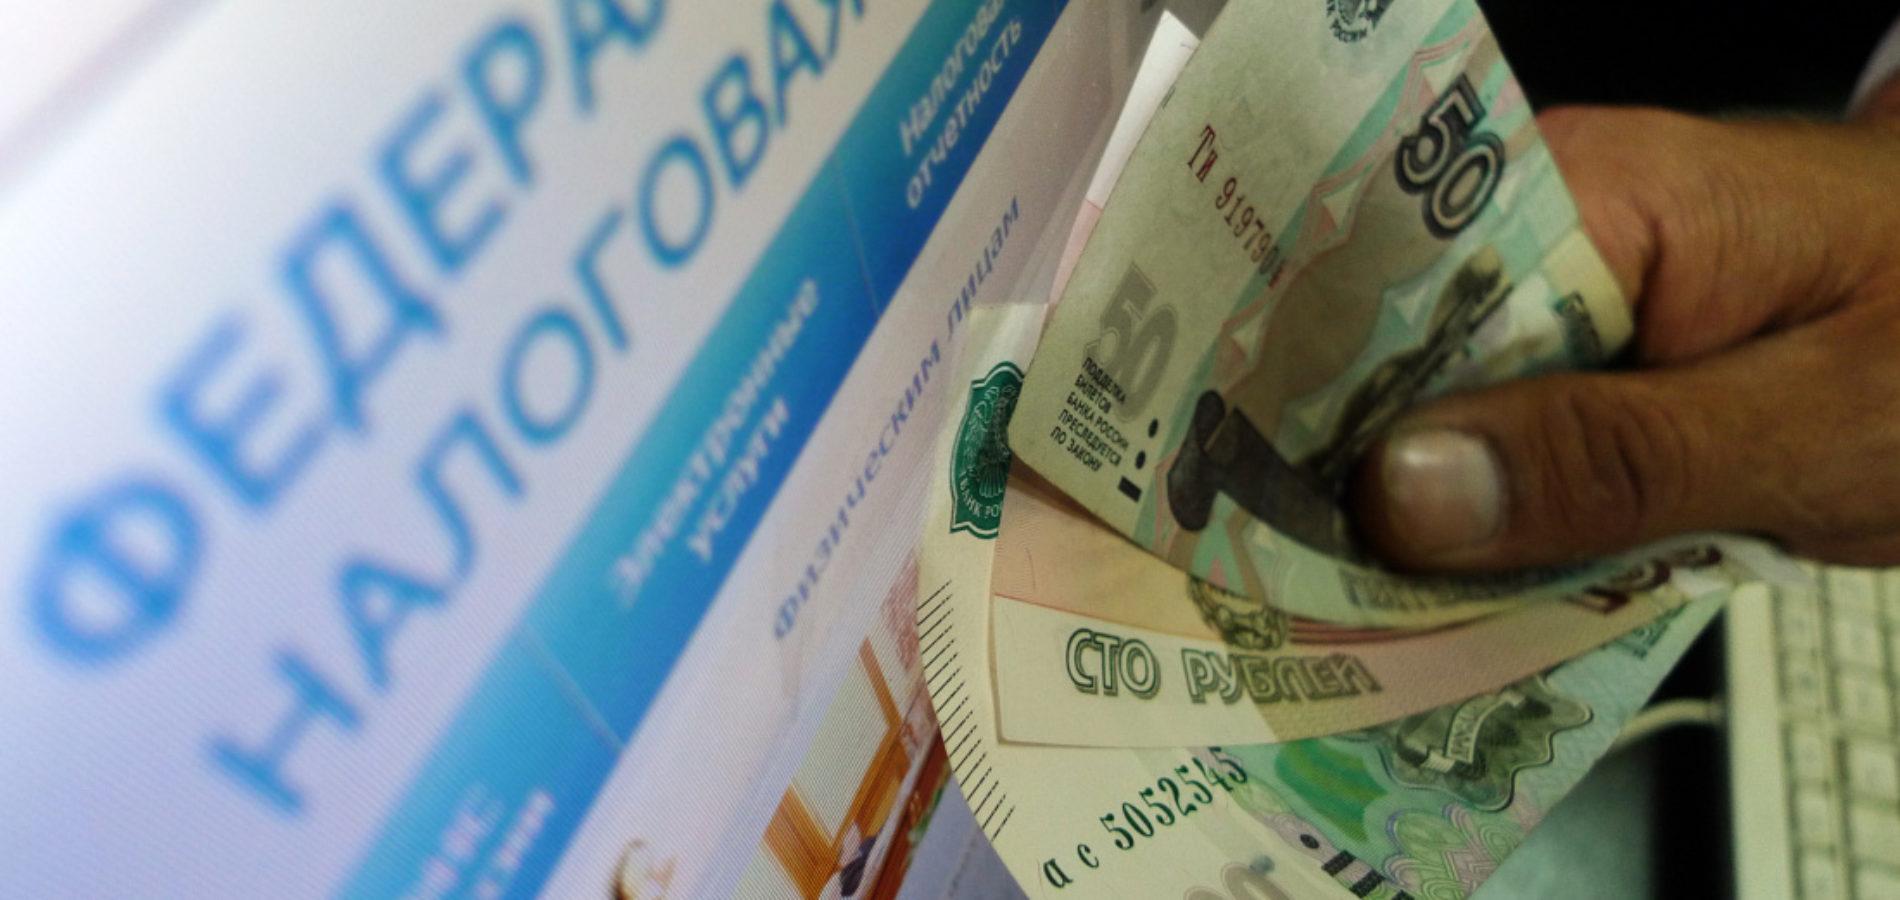 Неналоговые платежи будут сведены в один реестр